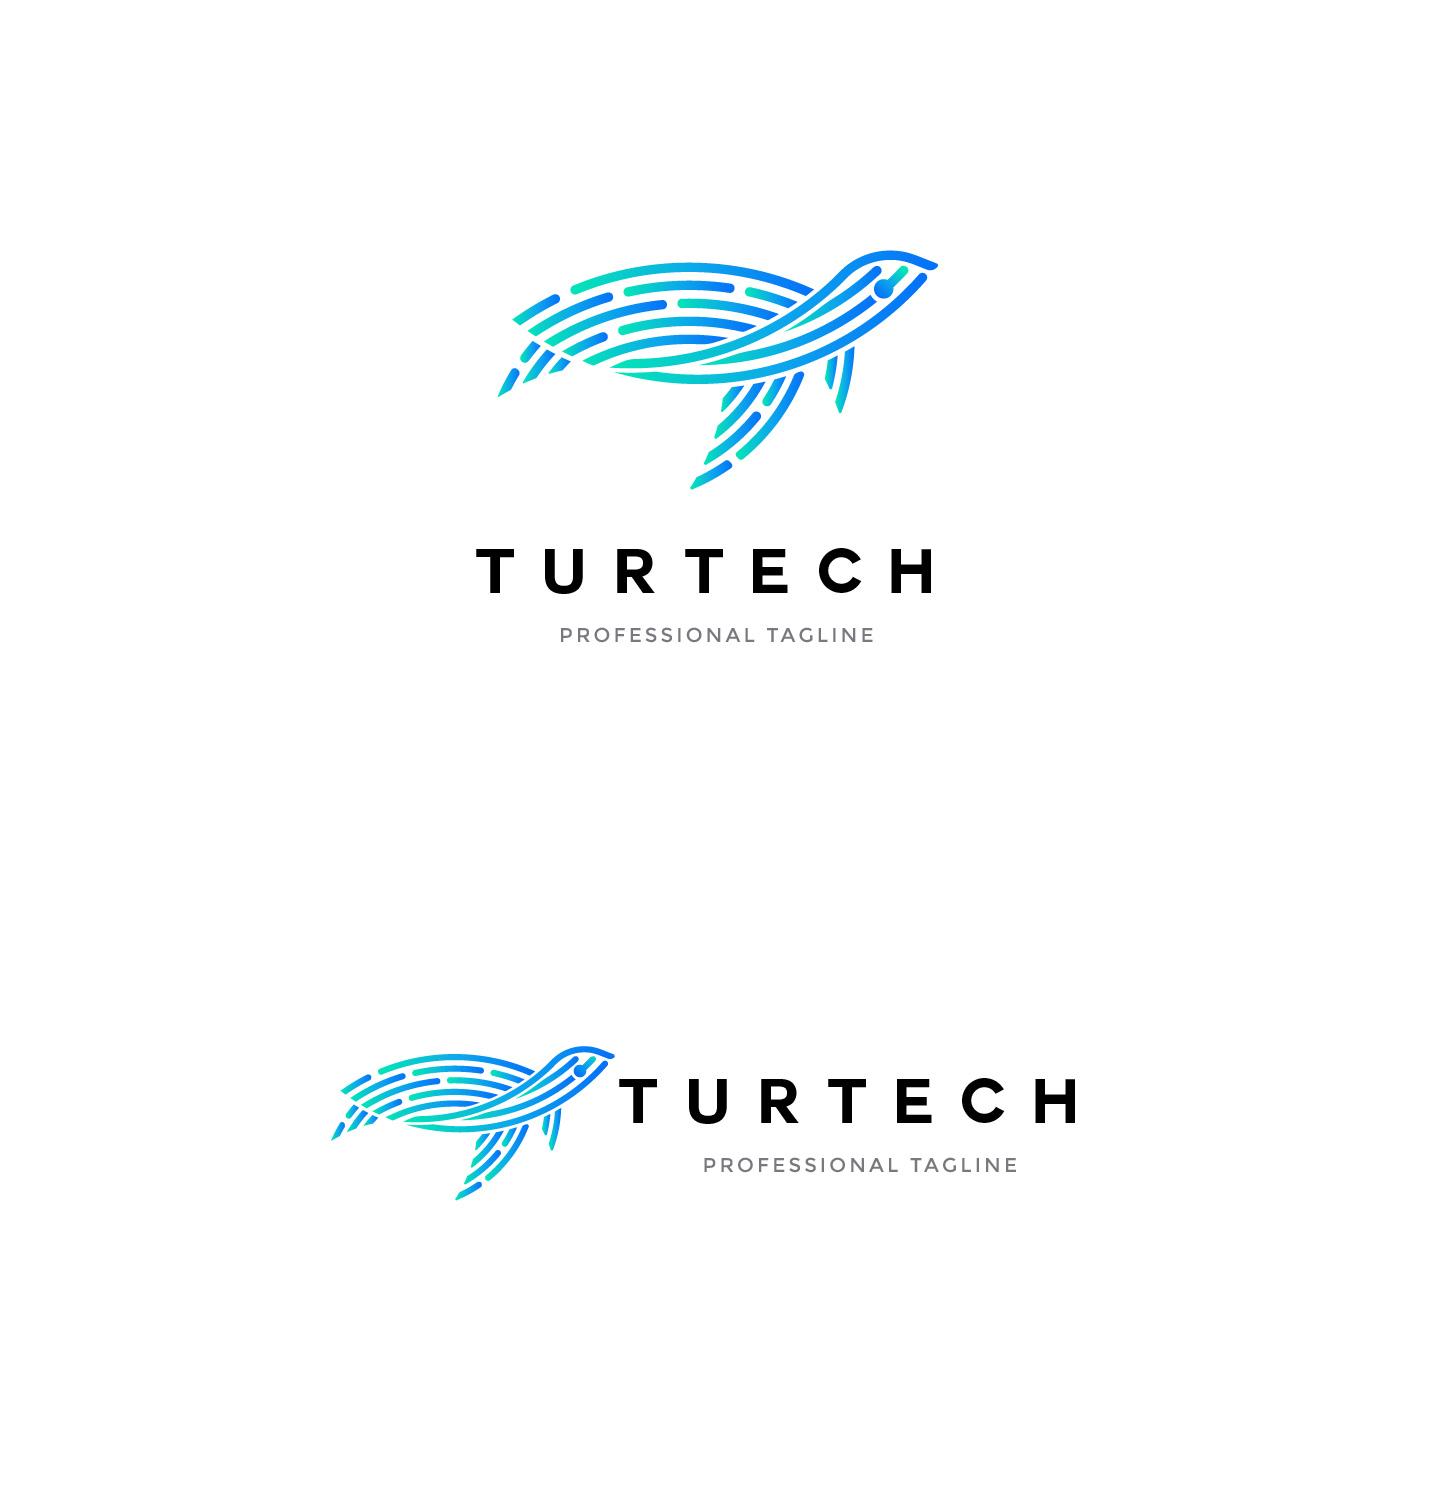 Animal Logo - Turtle Logo example image 4